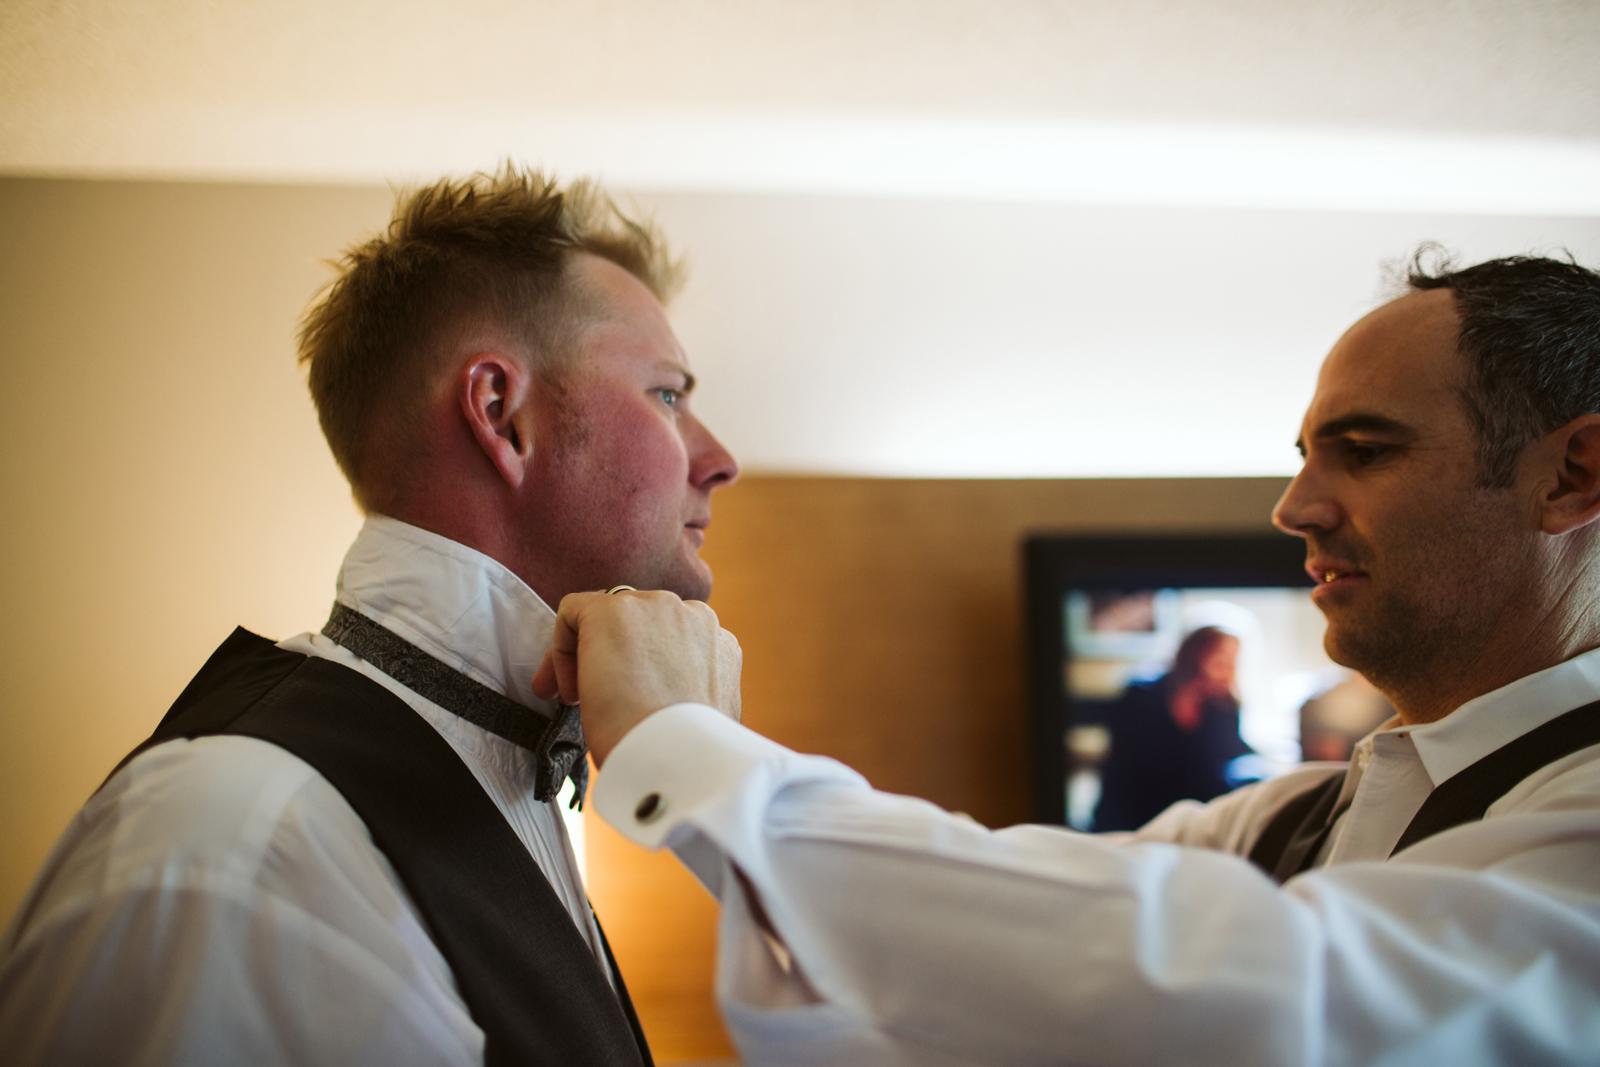 015-daronjackson-gabby-alec-wedding.jpg